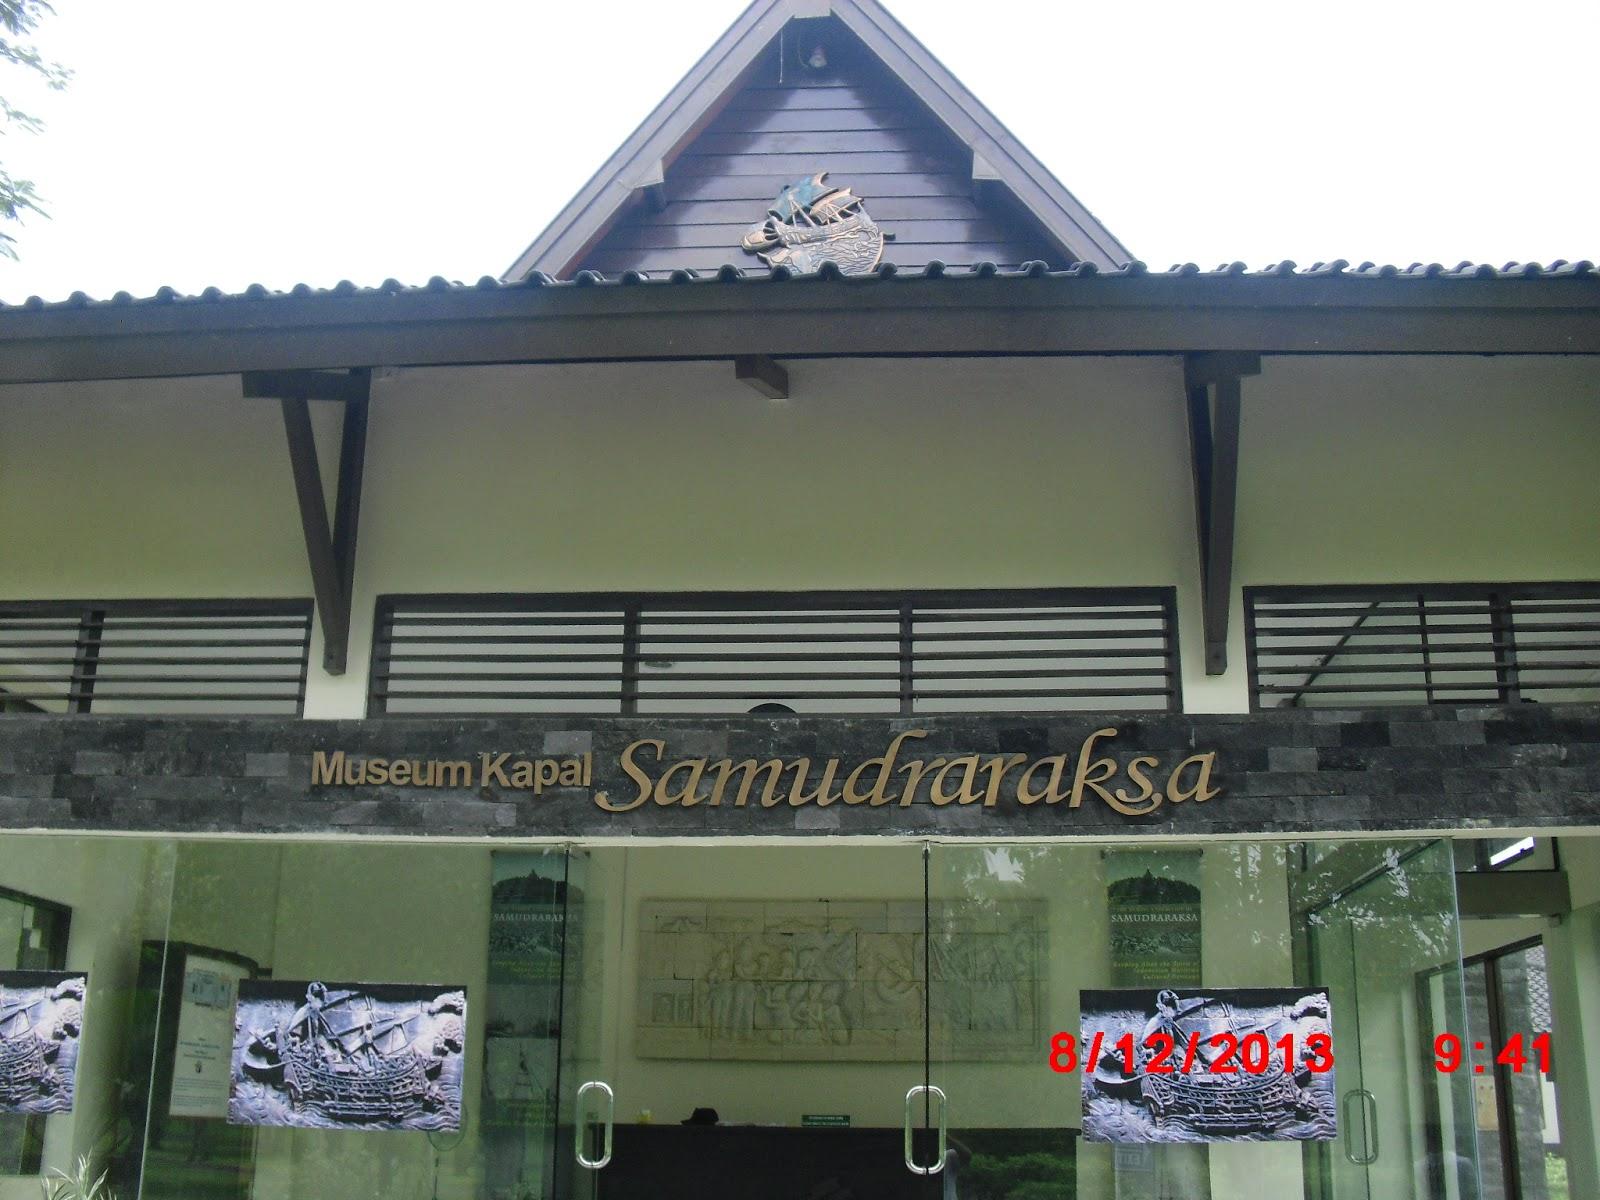 Museum Kapal Samudraraksa | Foto: http://iyothworld.blogspot.com